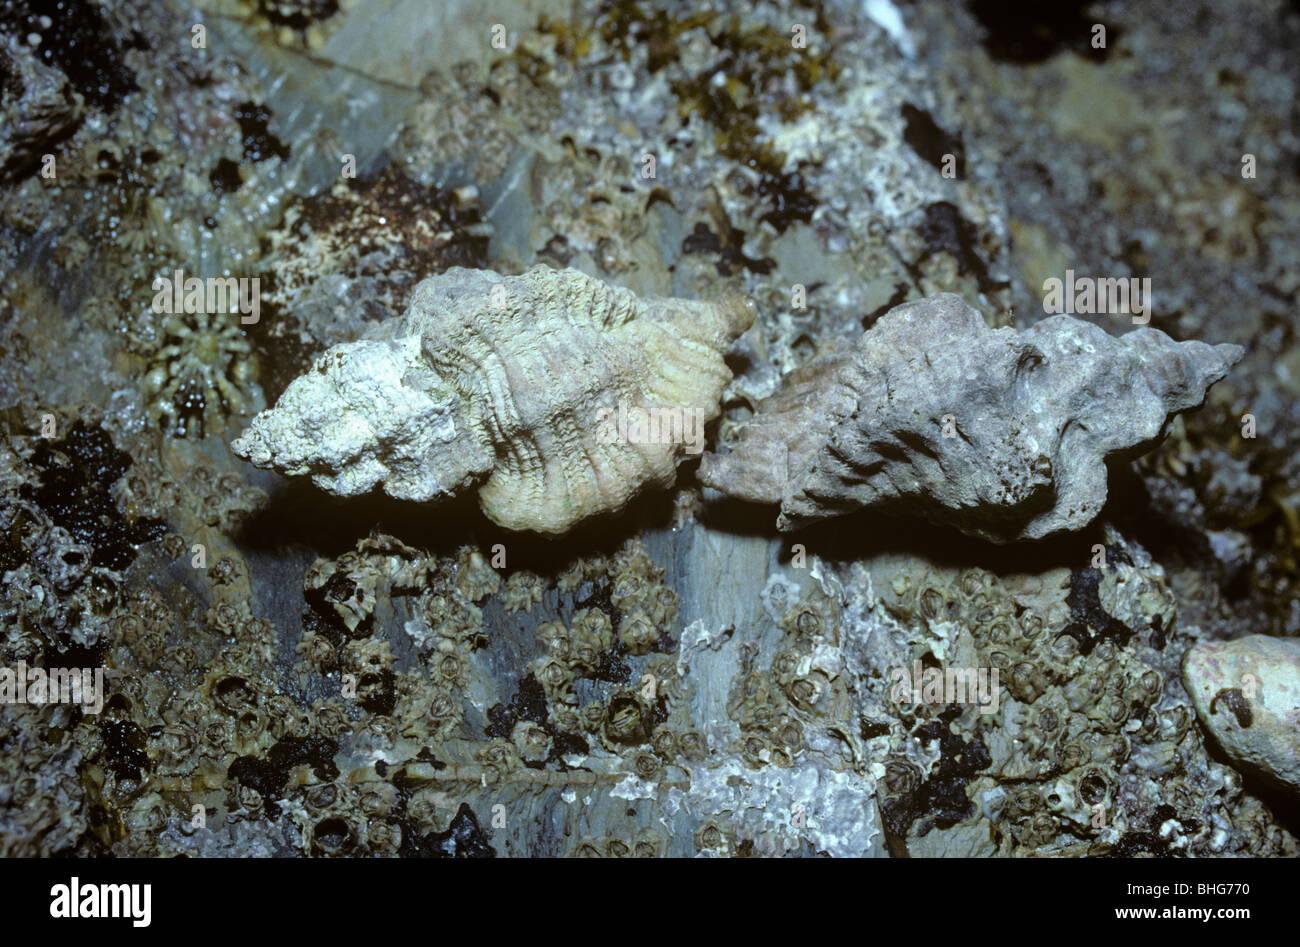 Sting européenne winkle (Ocenebra erinacea: Lophiomyinae) sur un rivage rocailleux, UK Banque D'Images